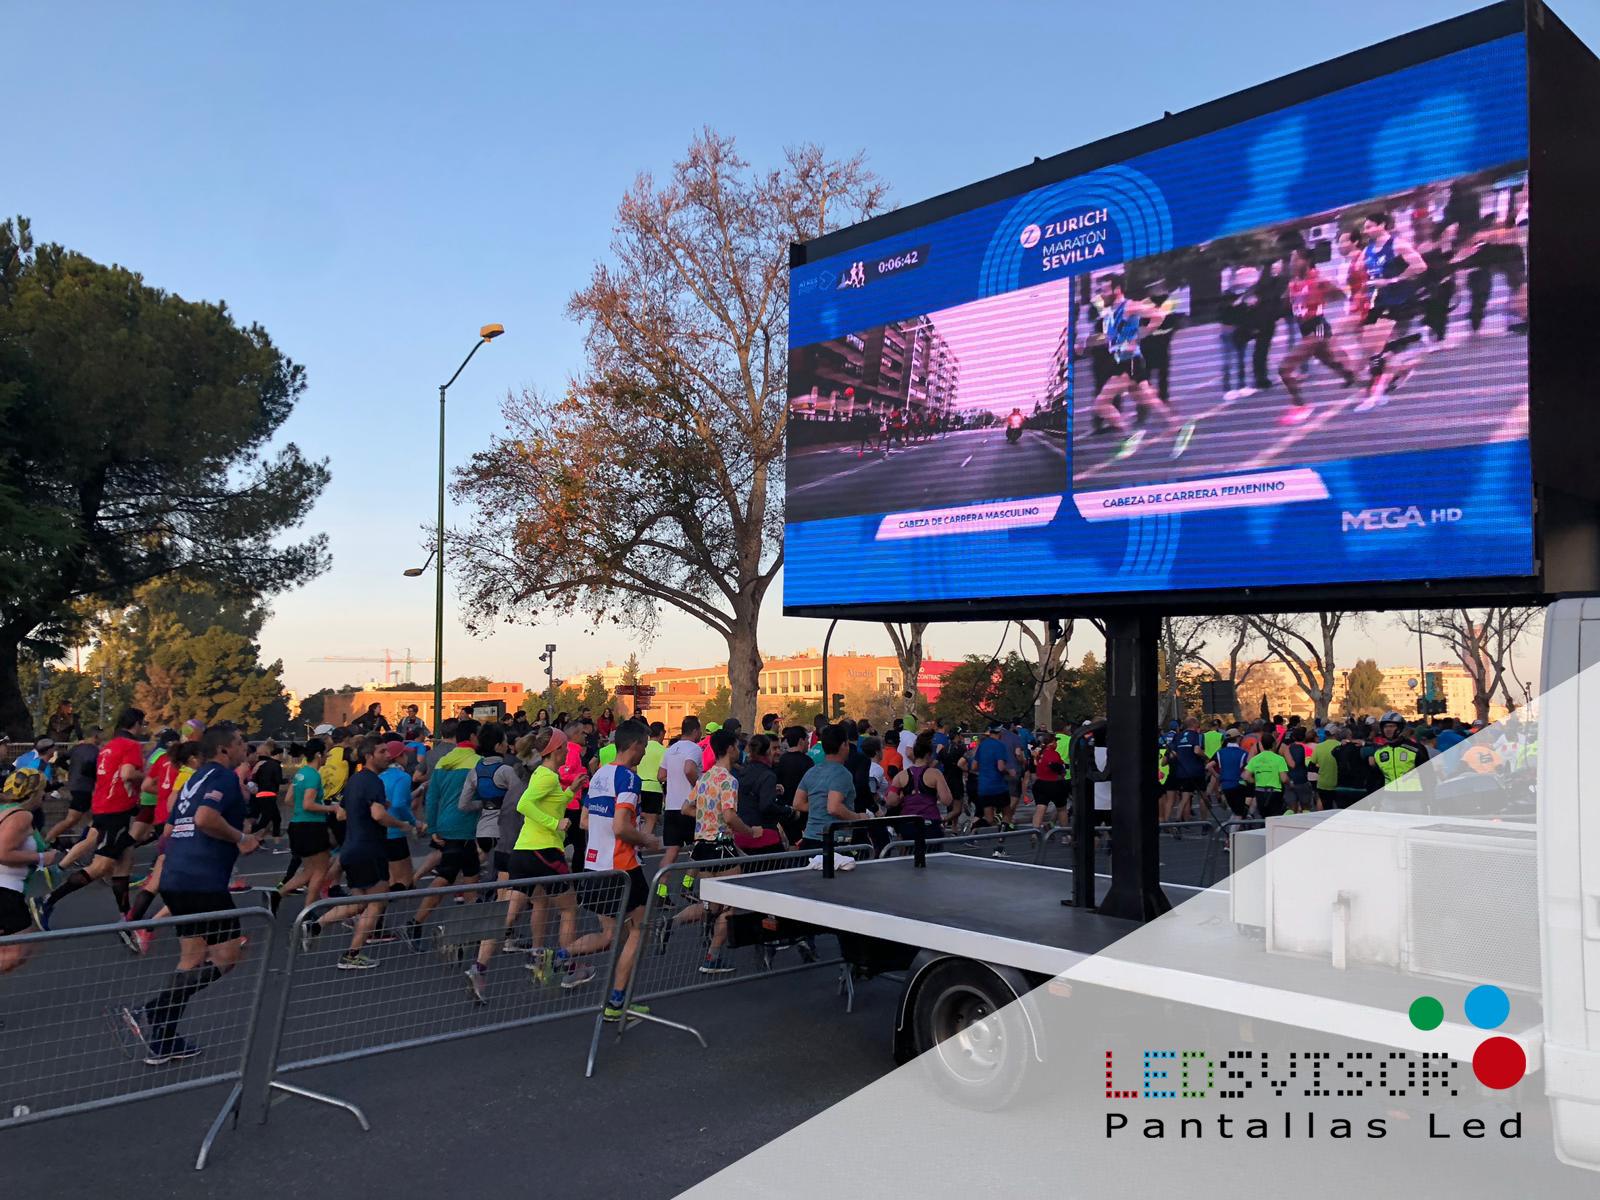 ledsvisor-maraton-zurich-sevilla-2019-2